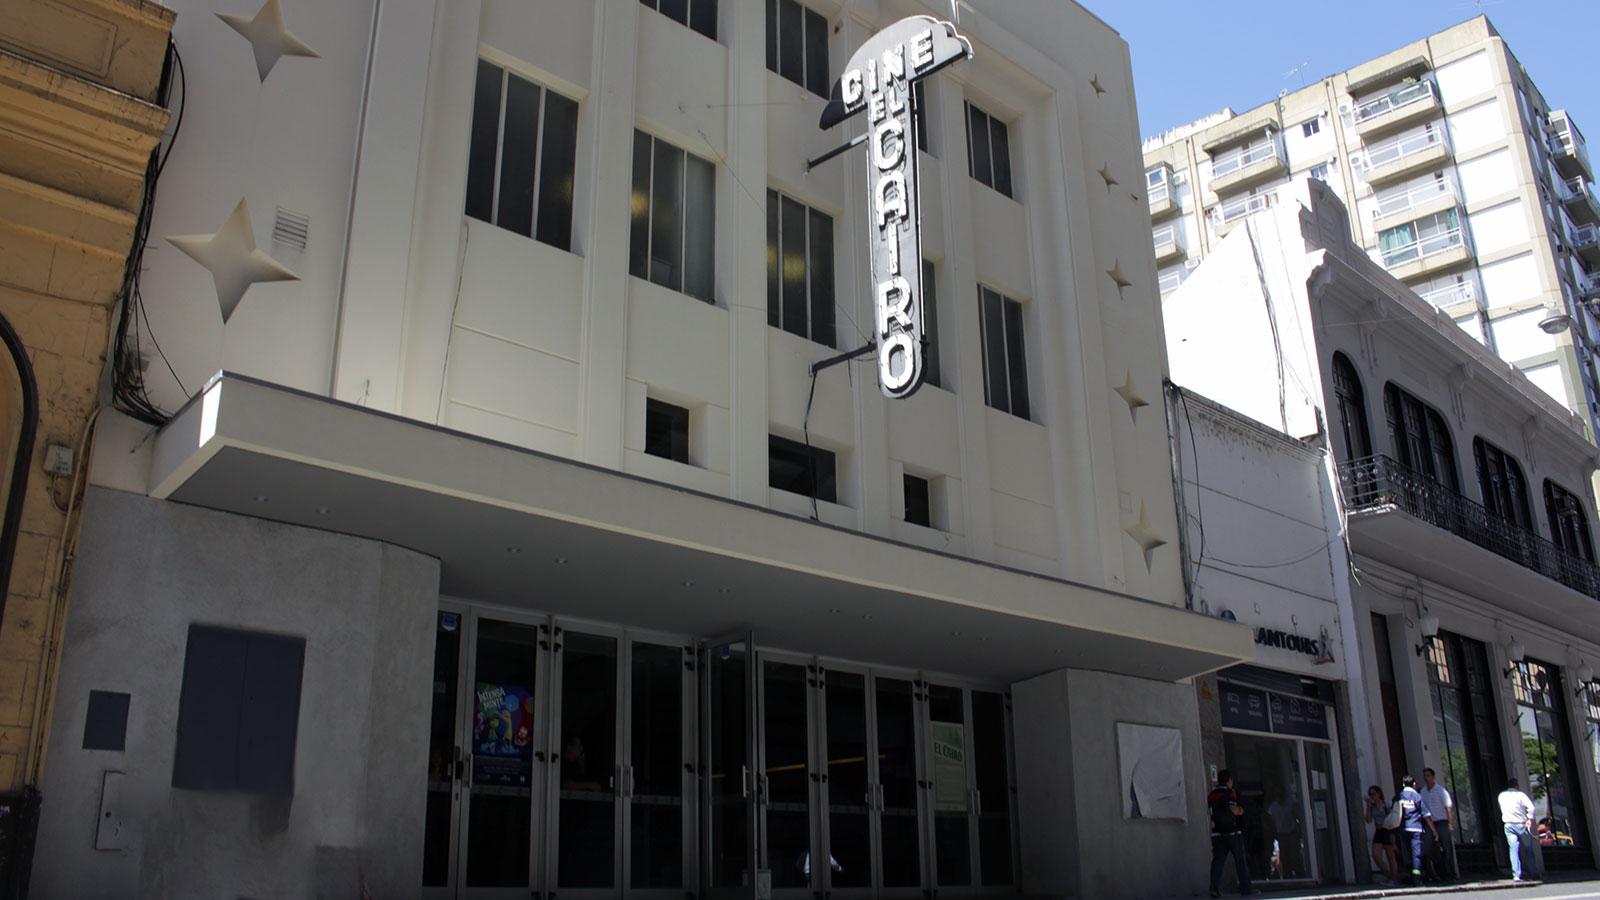 El cine público vuelve a abrir su sala más importante